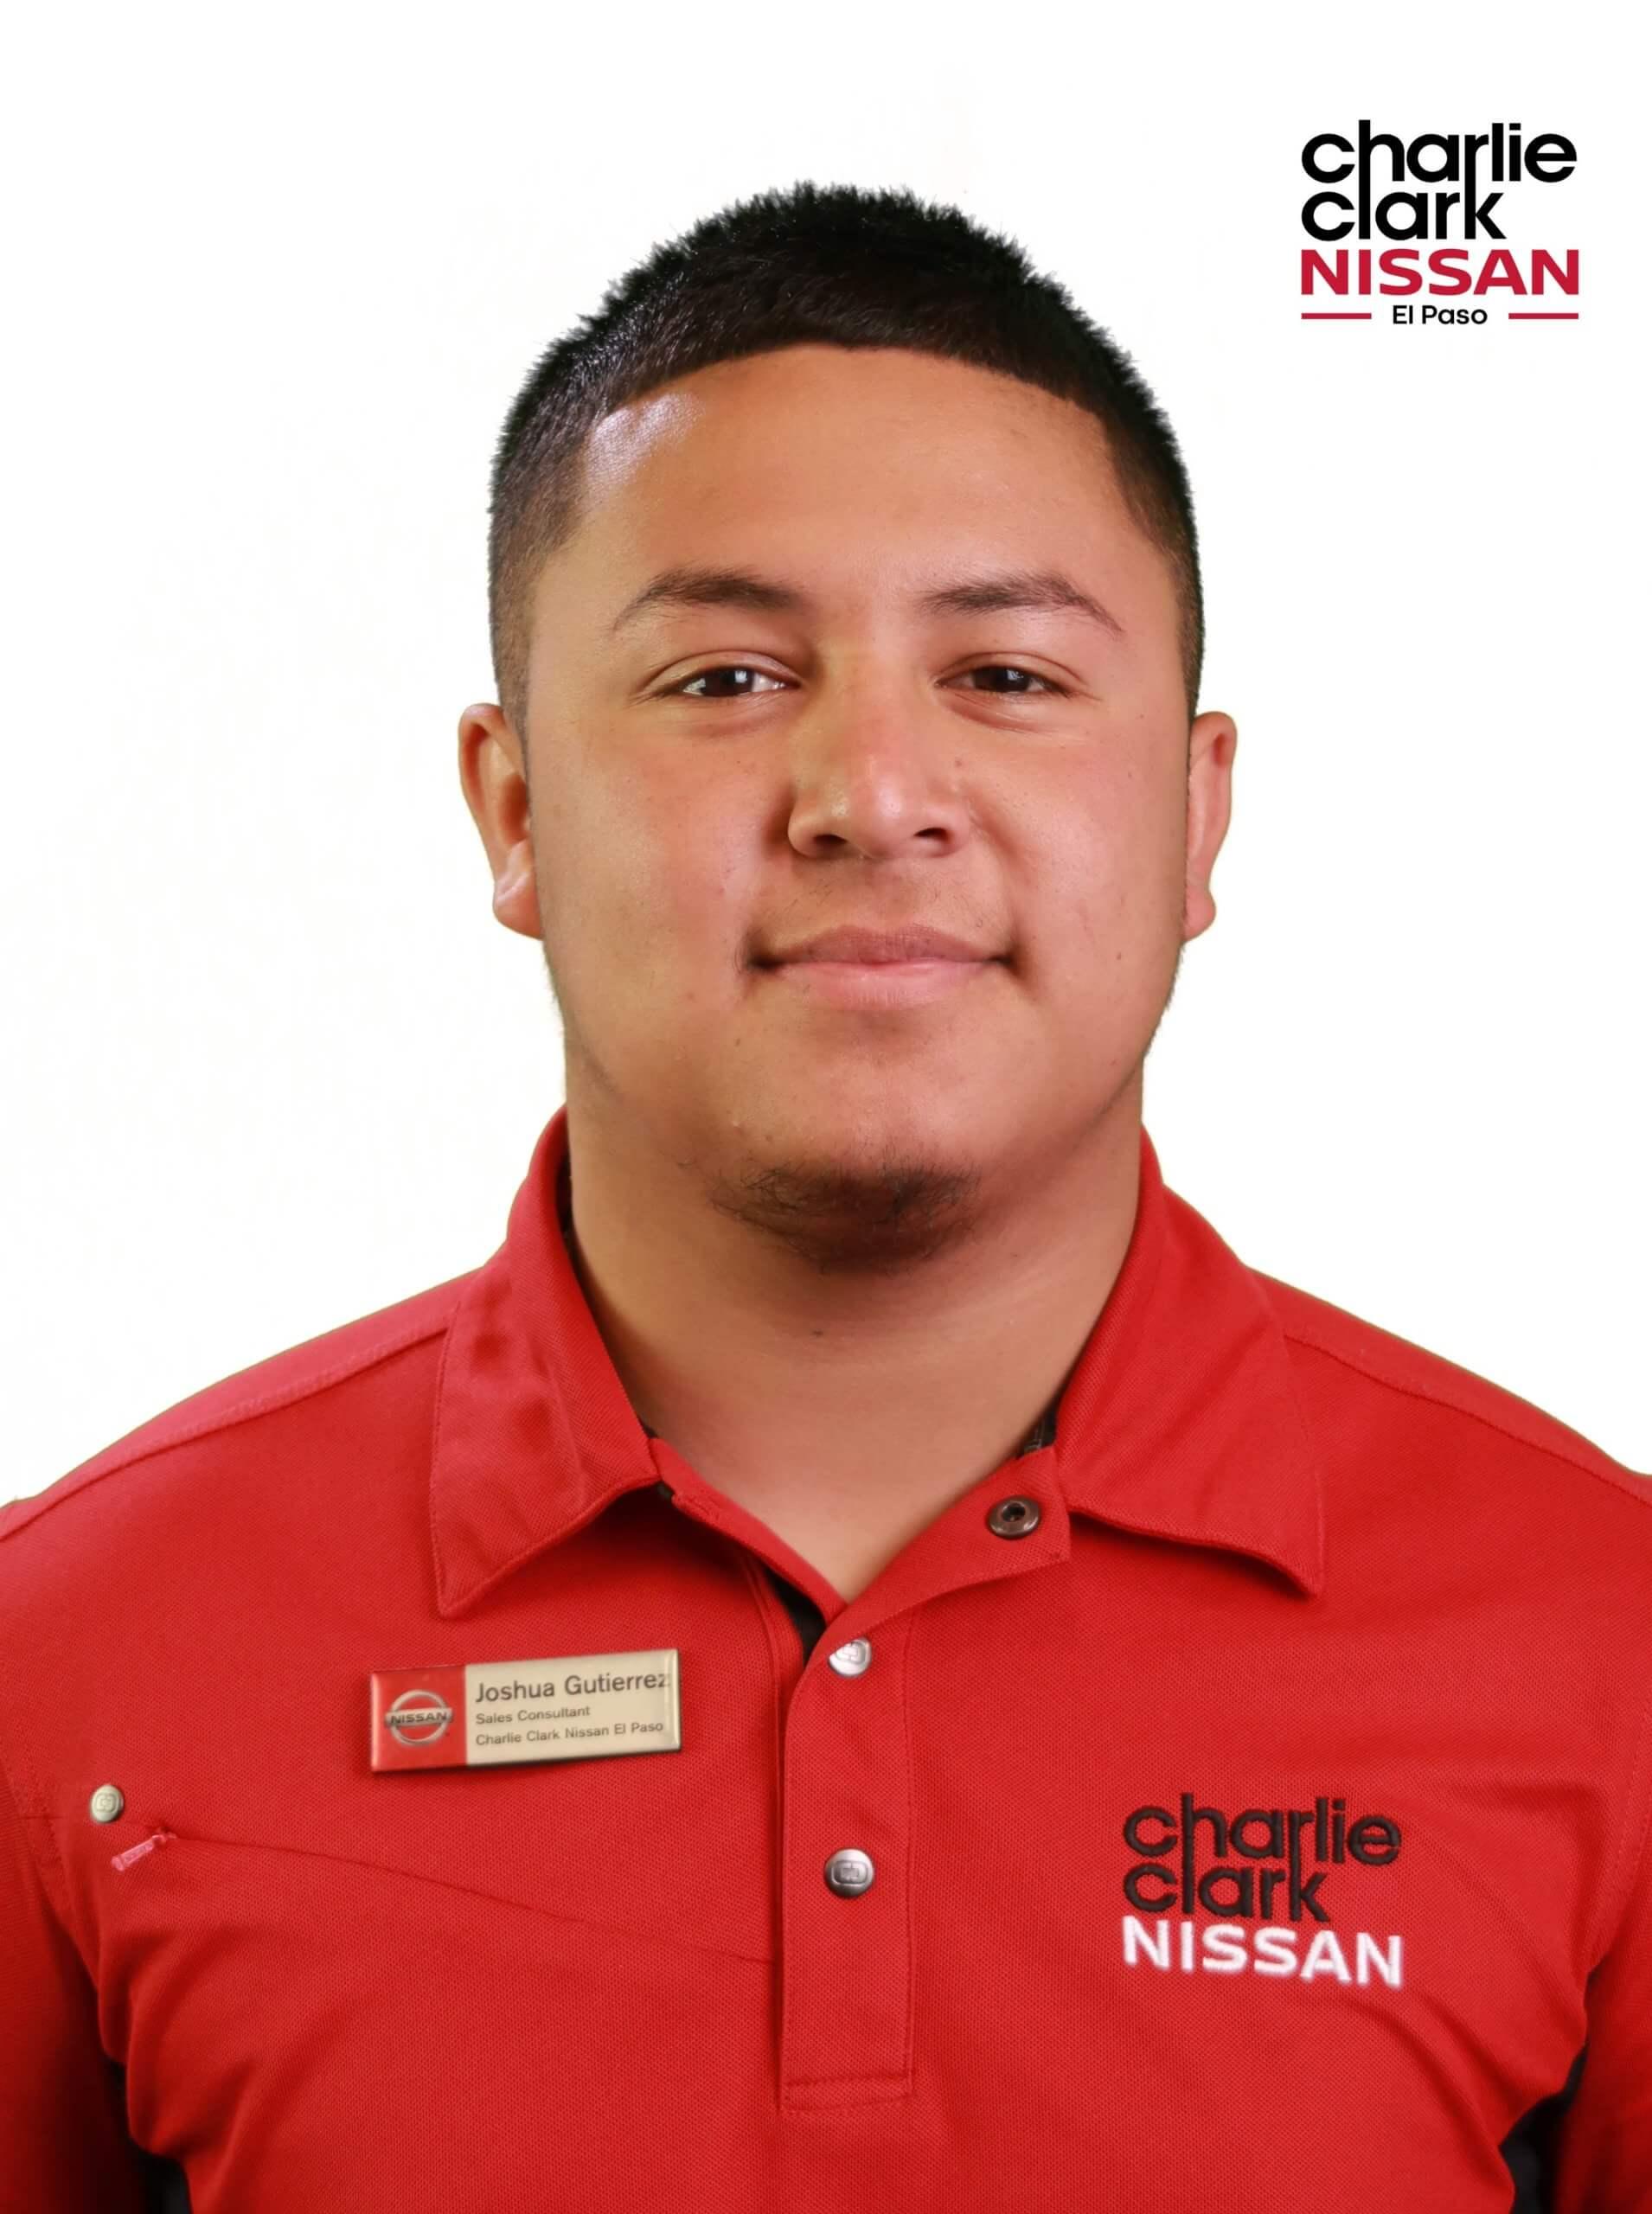 Joshua Gutierrez